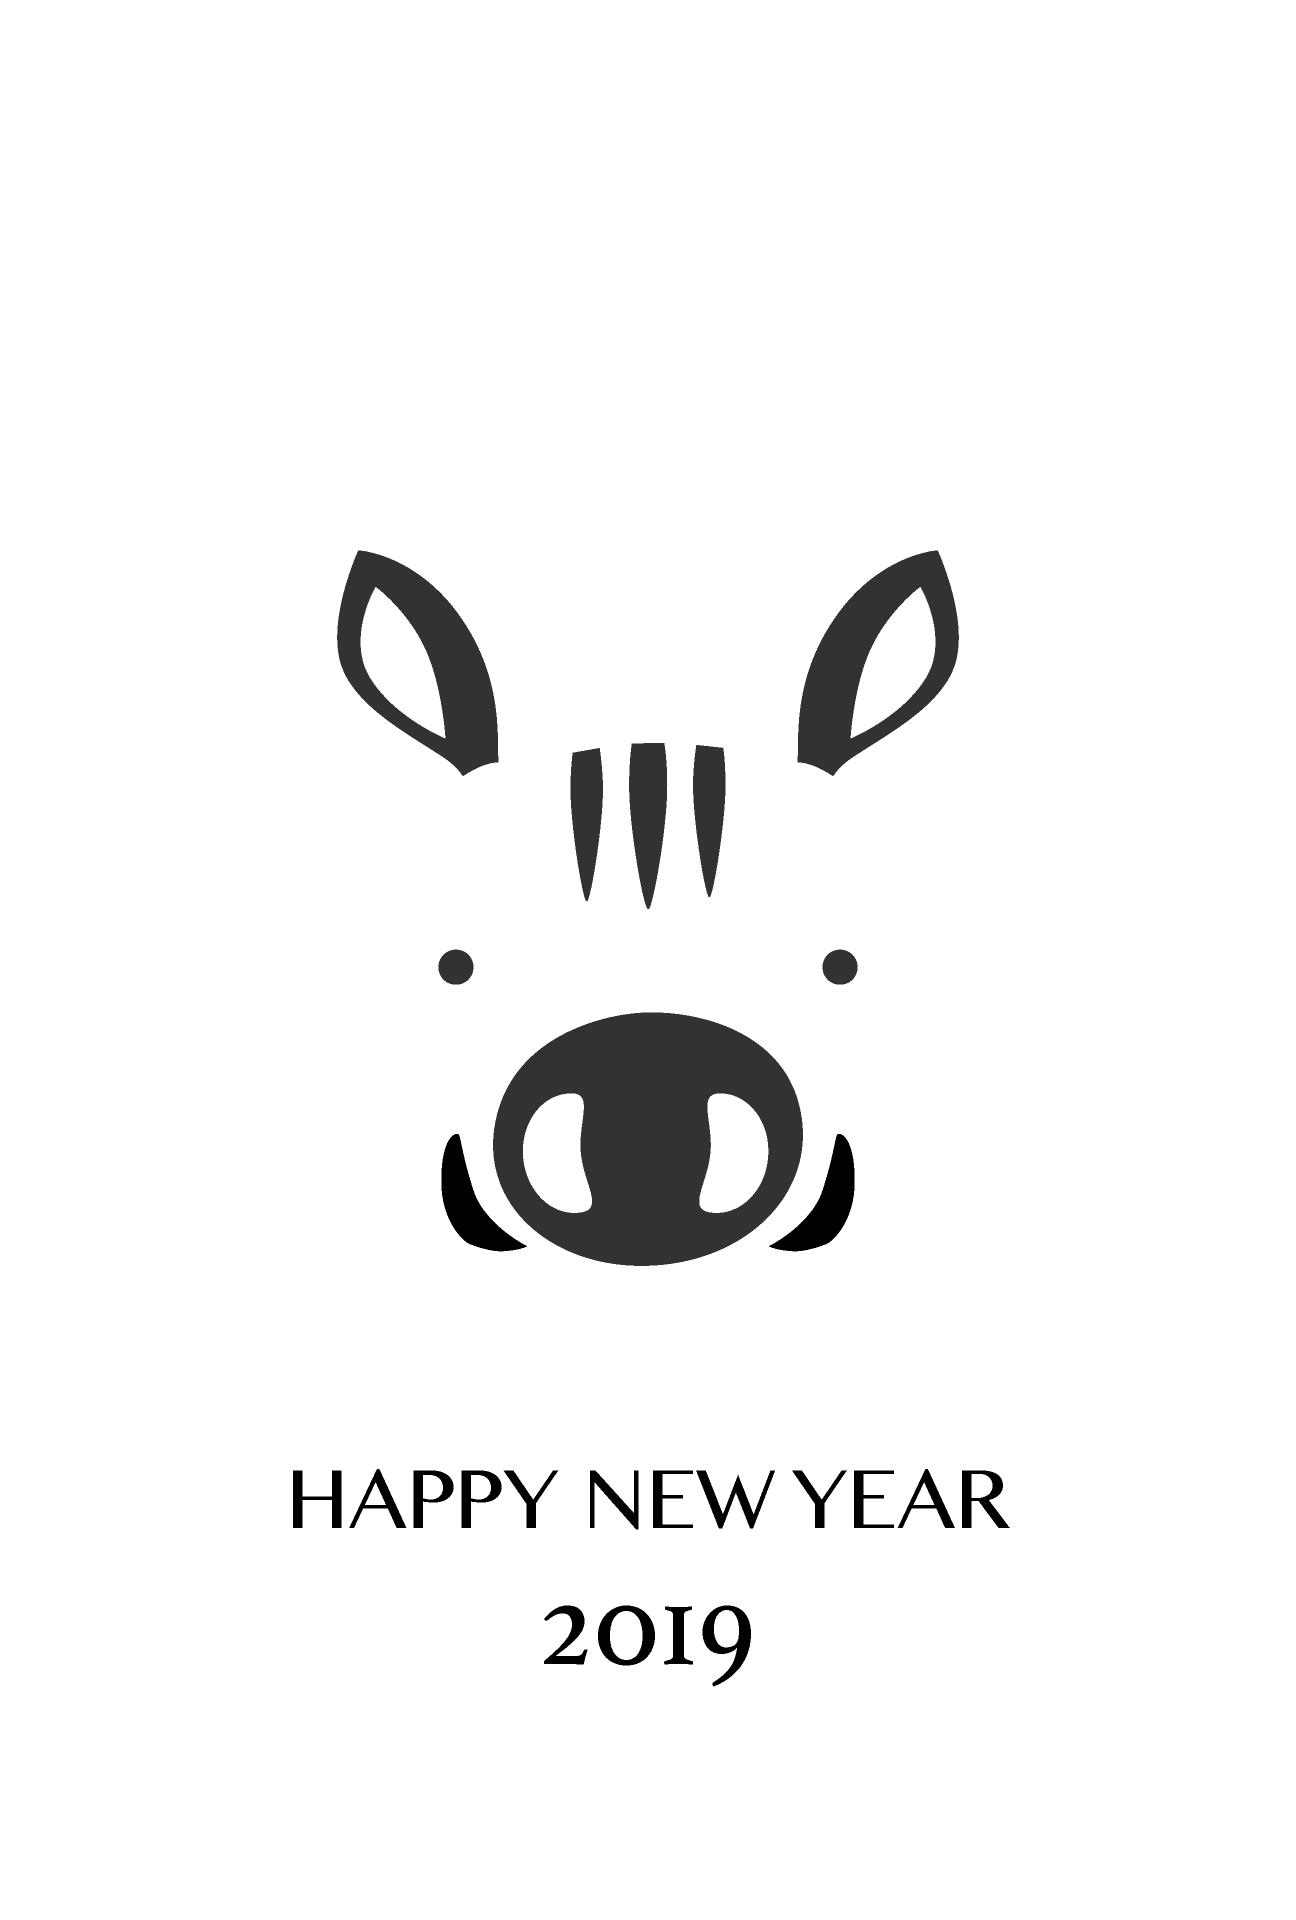 可愛いイノシシ顔マークの年賀状のフリーダウンロード画像ii Graphic